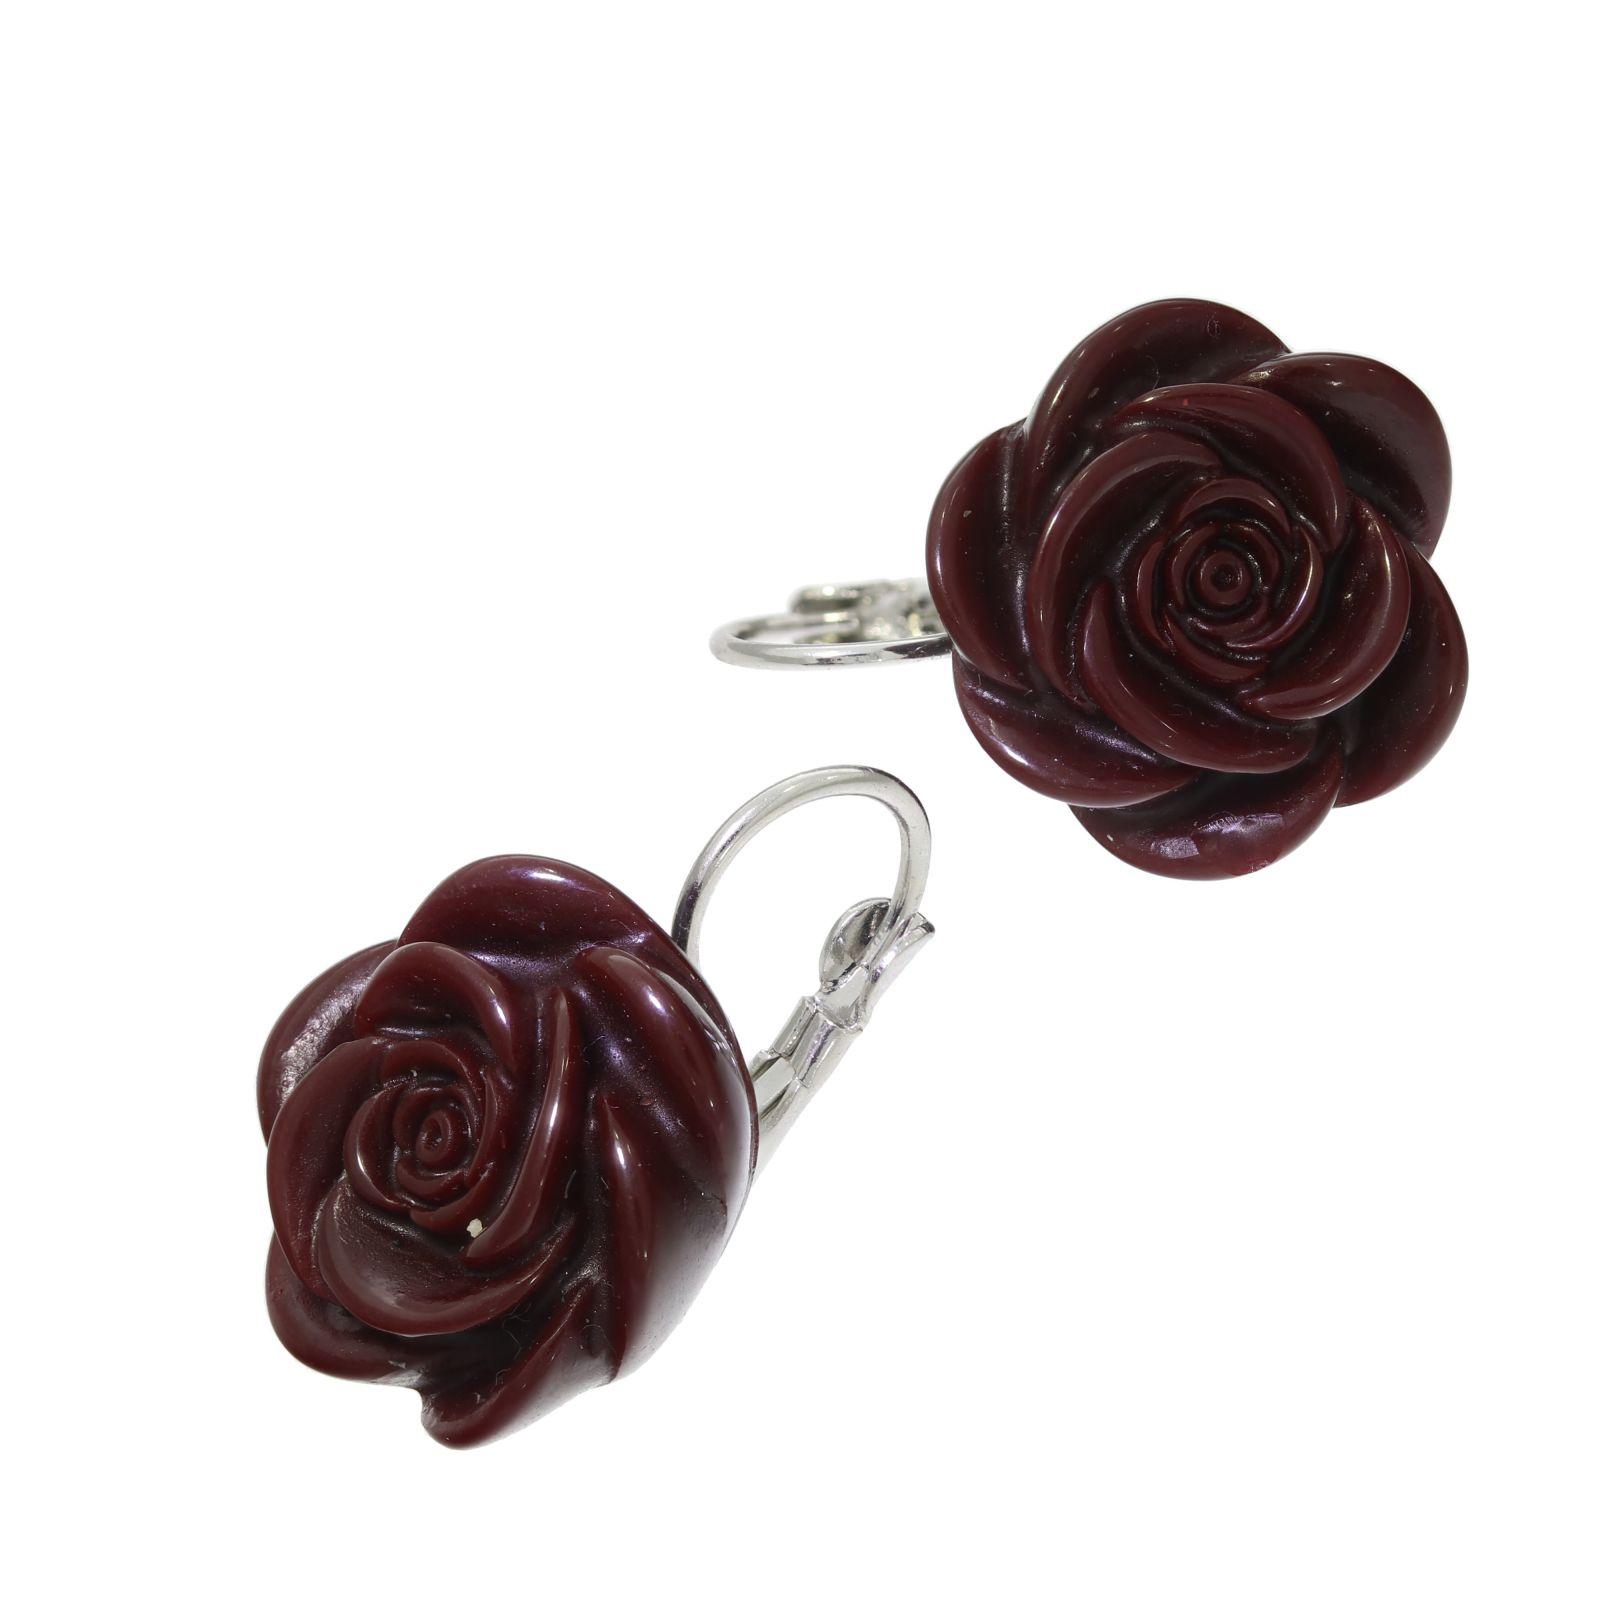 Náušnice Vínové růže